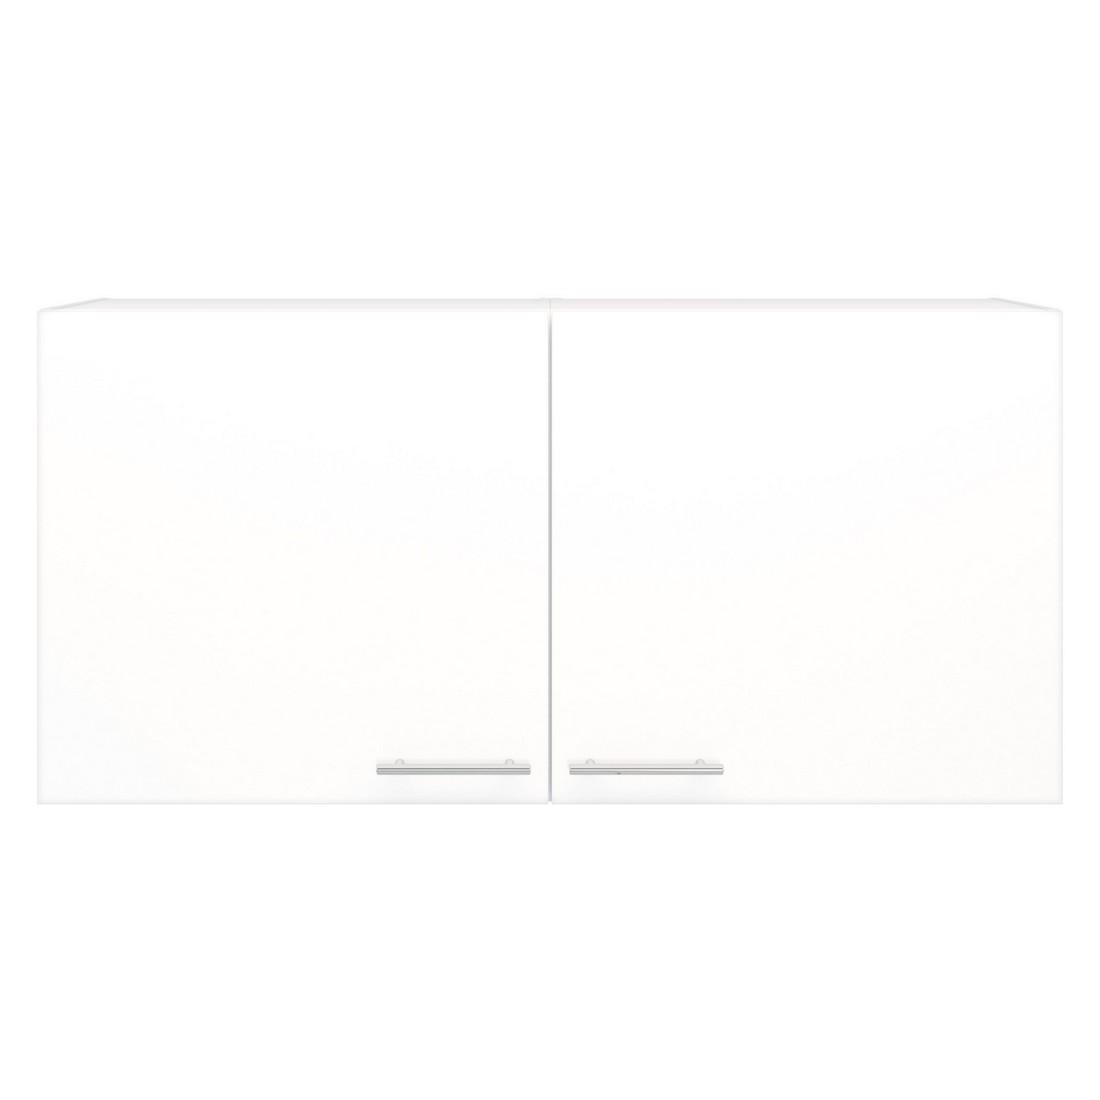 Doppel Hängeschrank Basic – Weiß, Kiveda günstig online kaufen